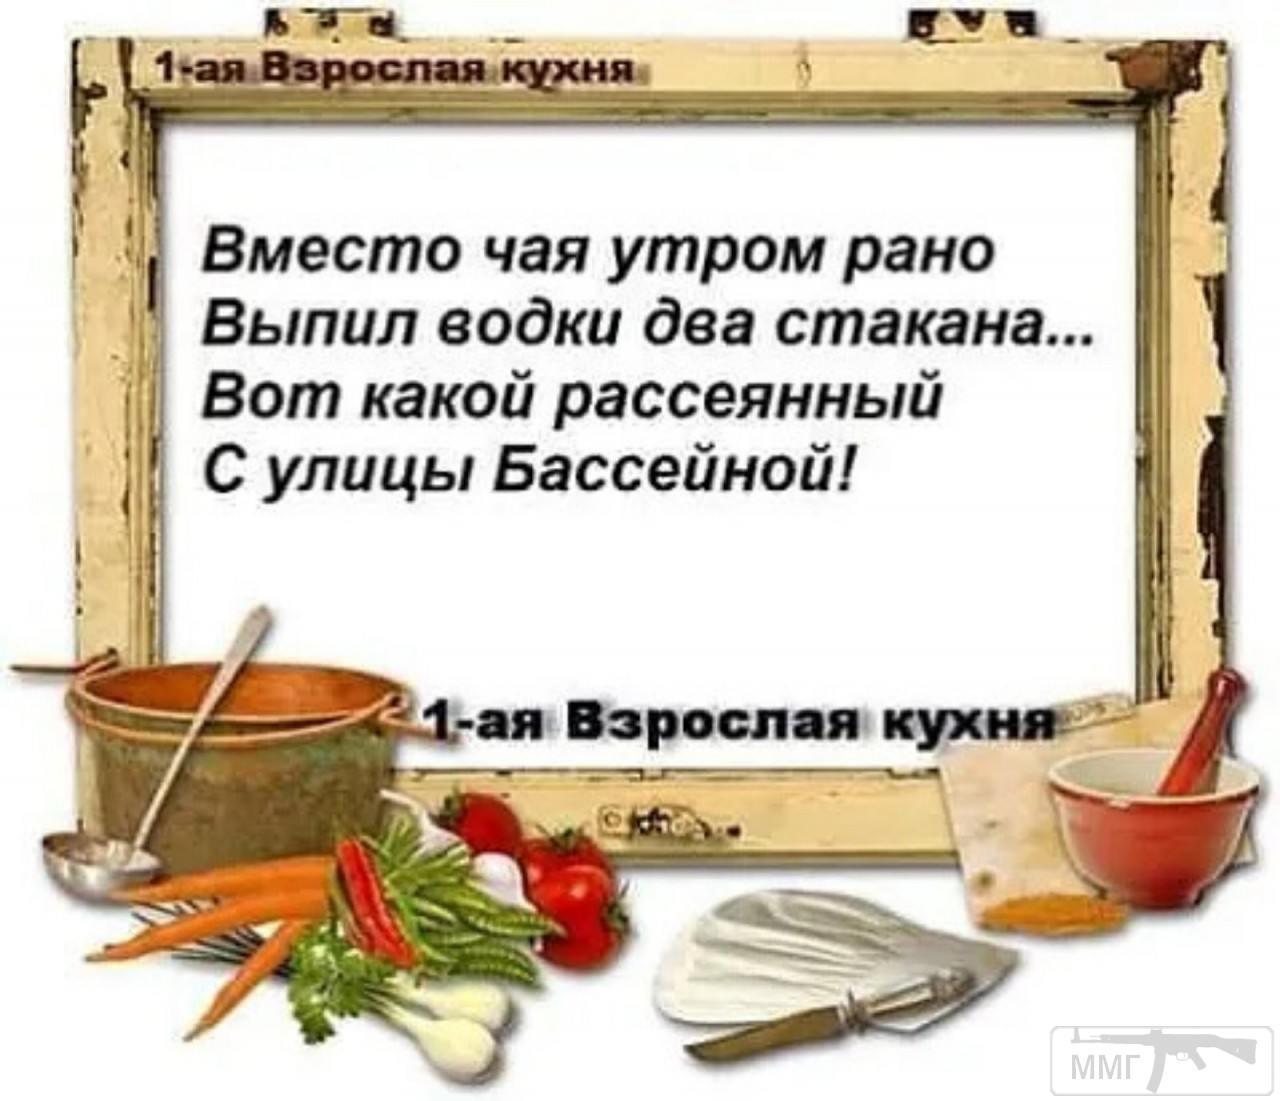 106713 - Пить или не пить? - пятничная алкогольная тема )))